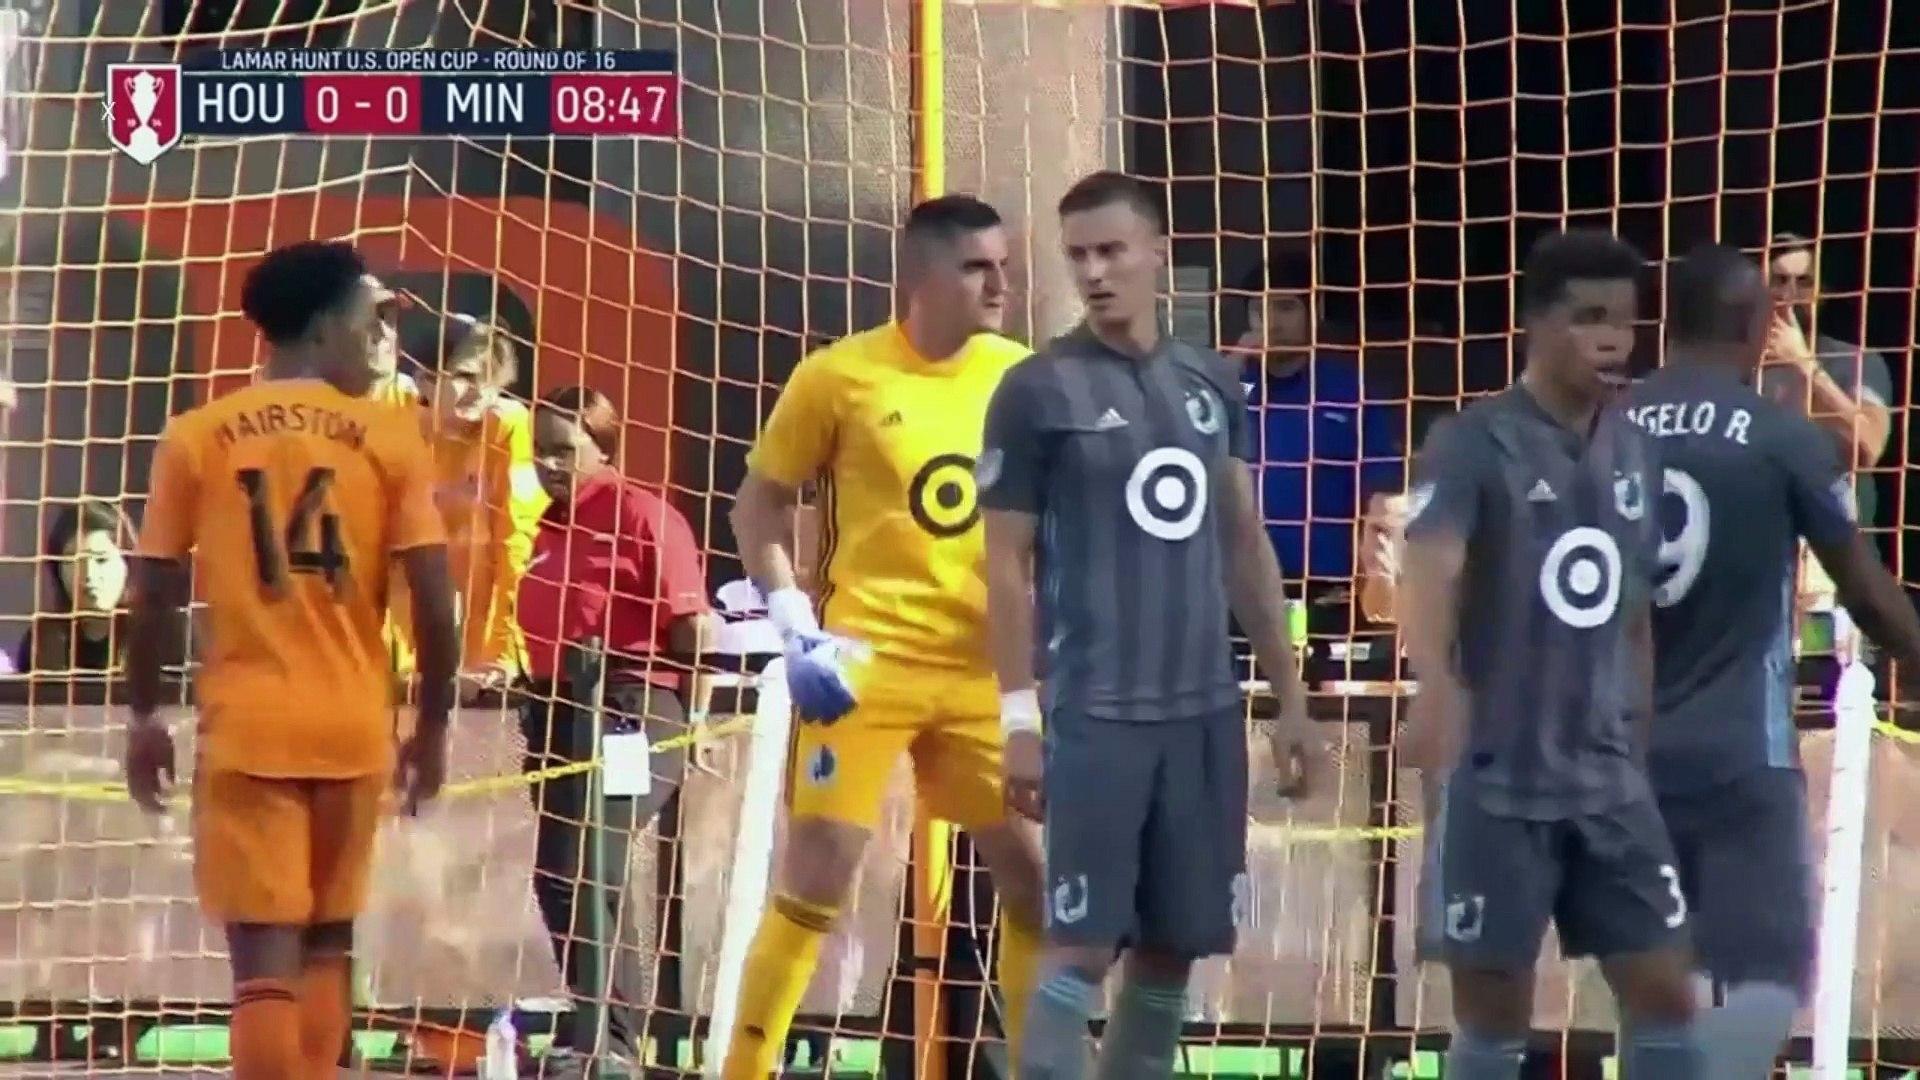 Ronaldo Pena * Striker * Houston Dynamo (MLS)